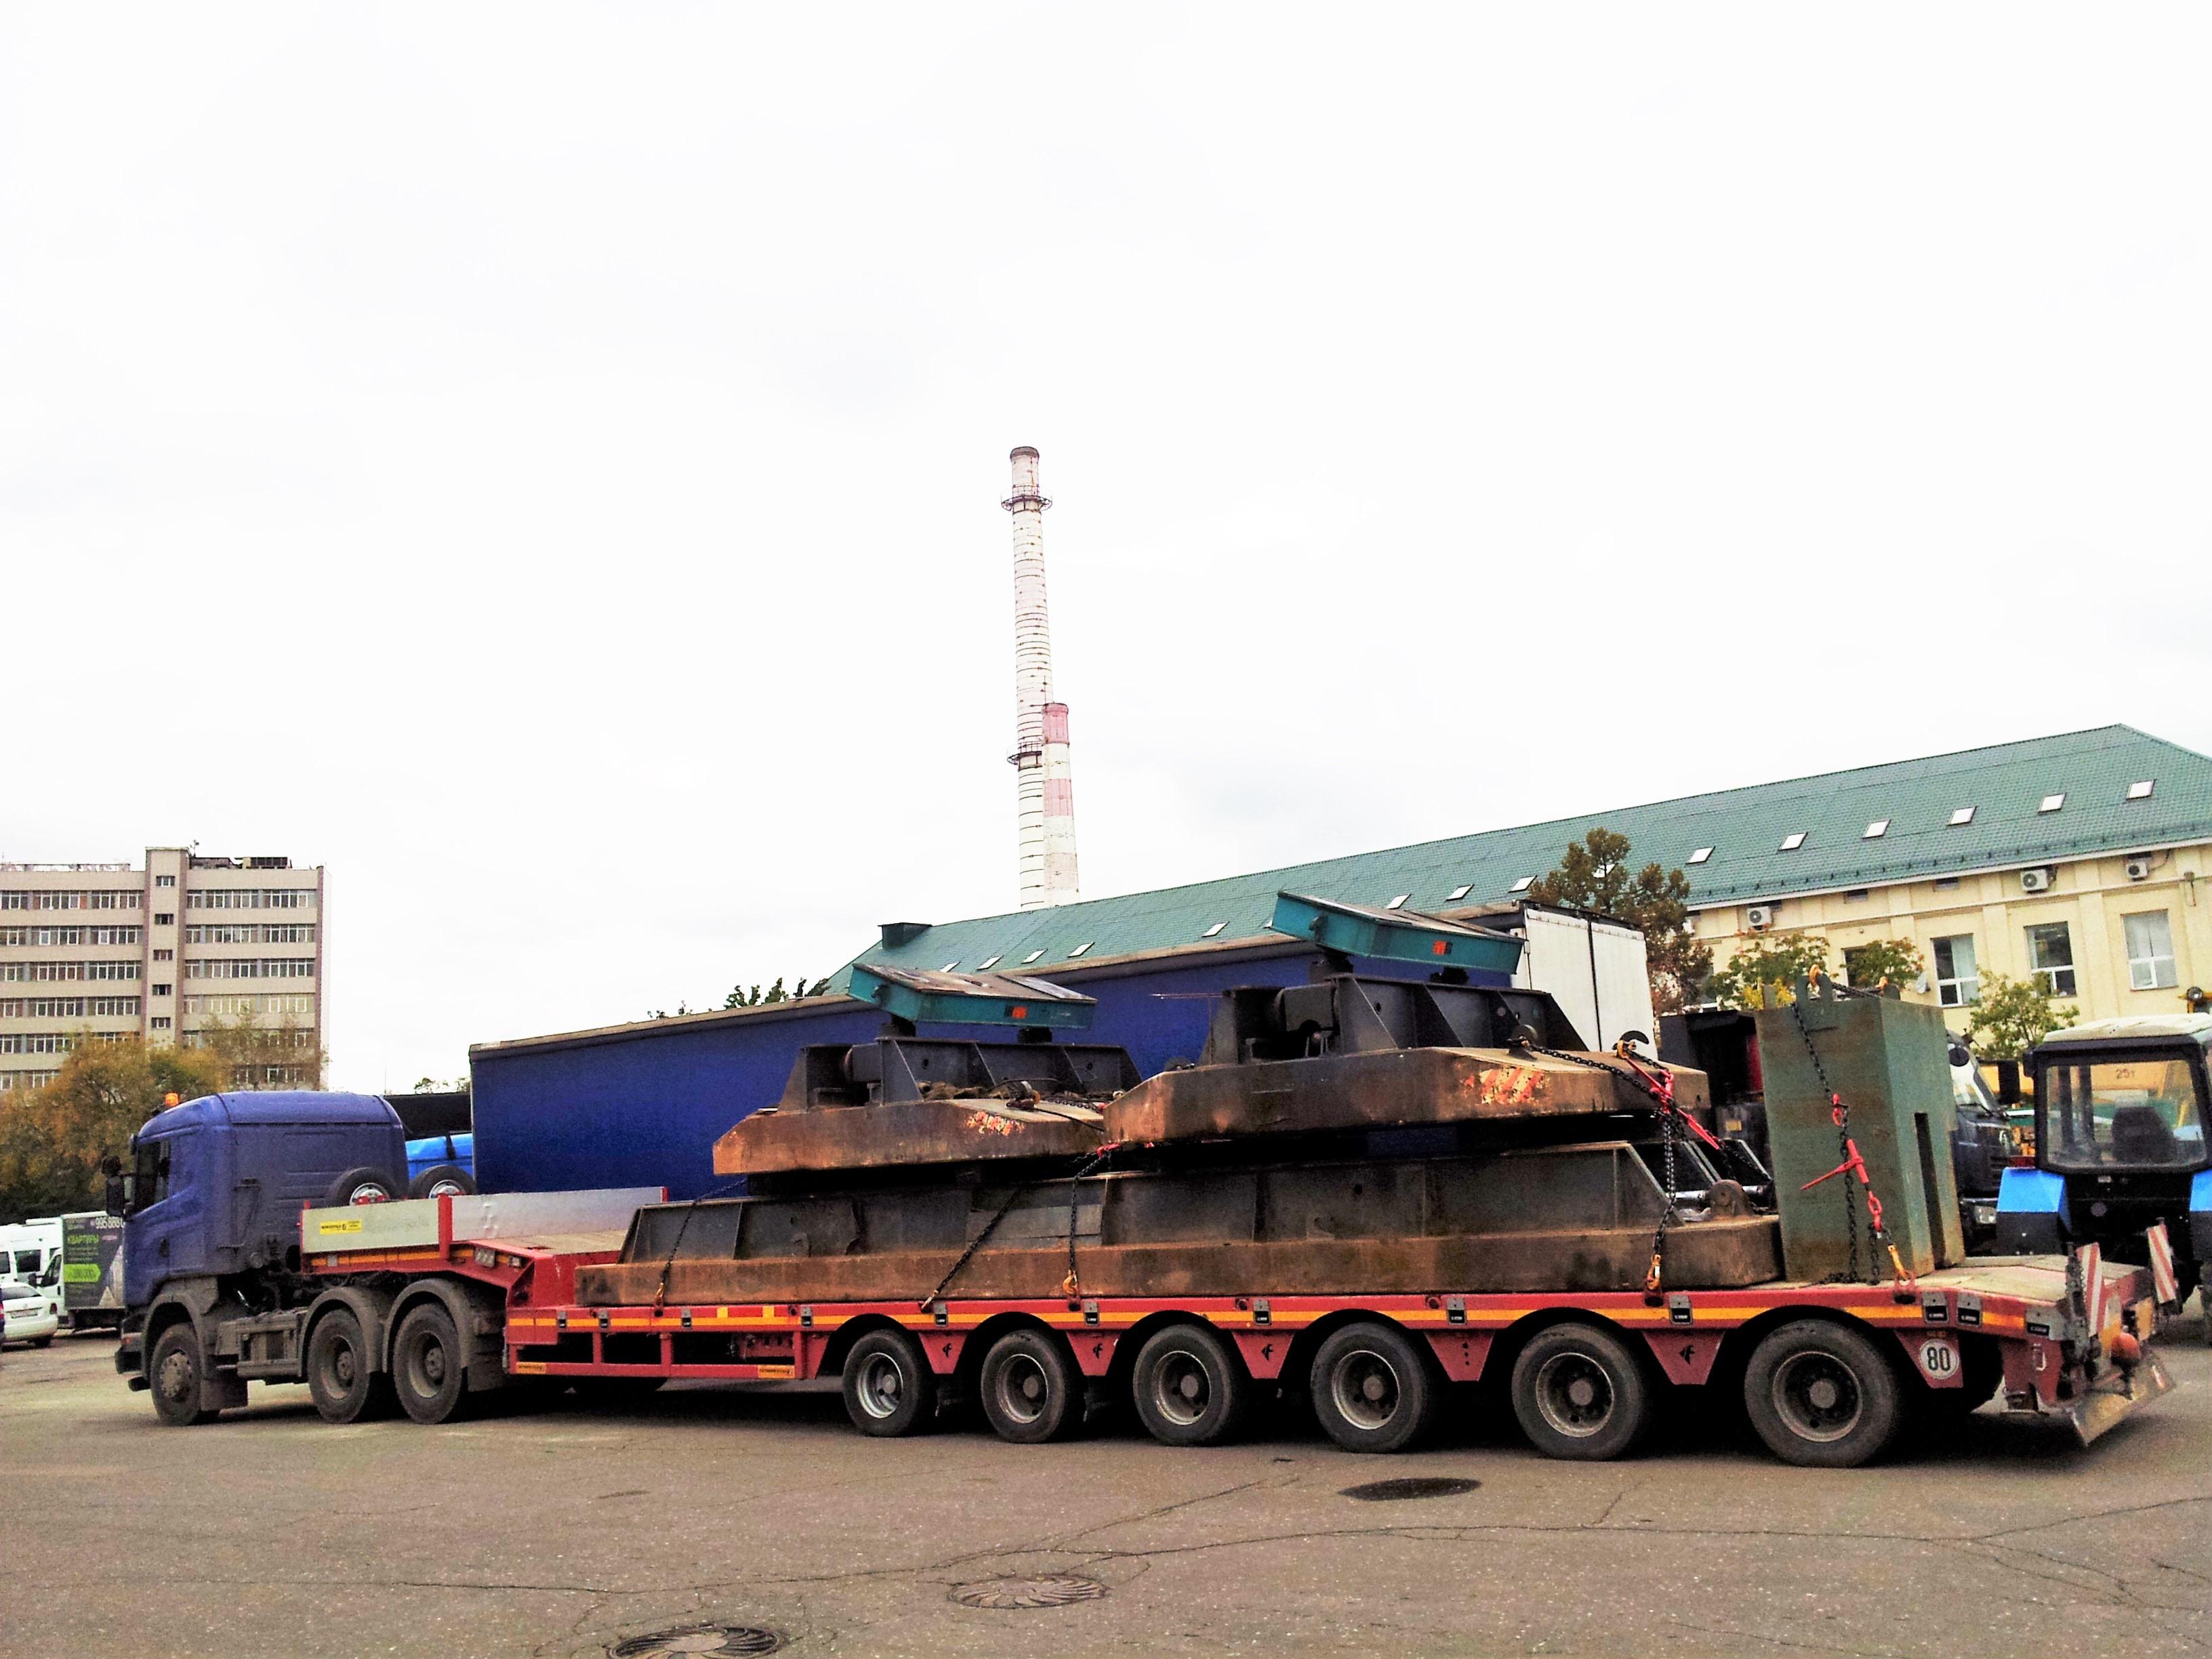 Перевозка промышленных грузов весом 80 тонн низкорамном тралом